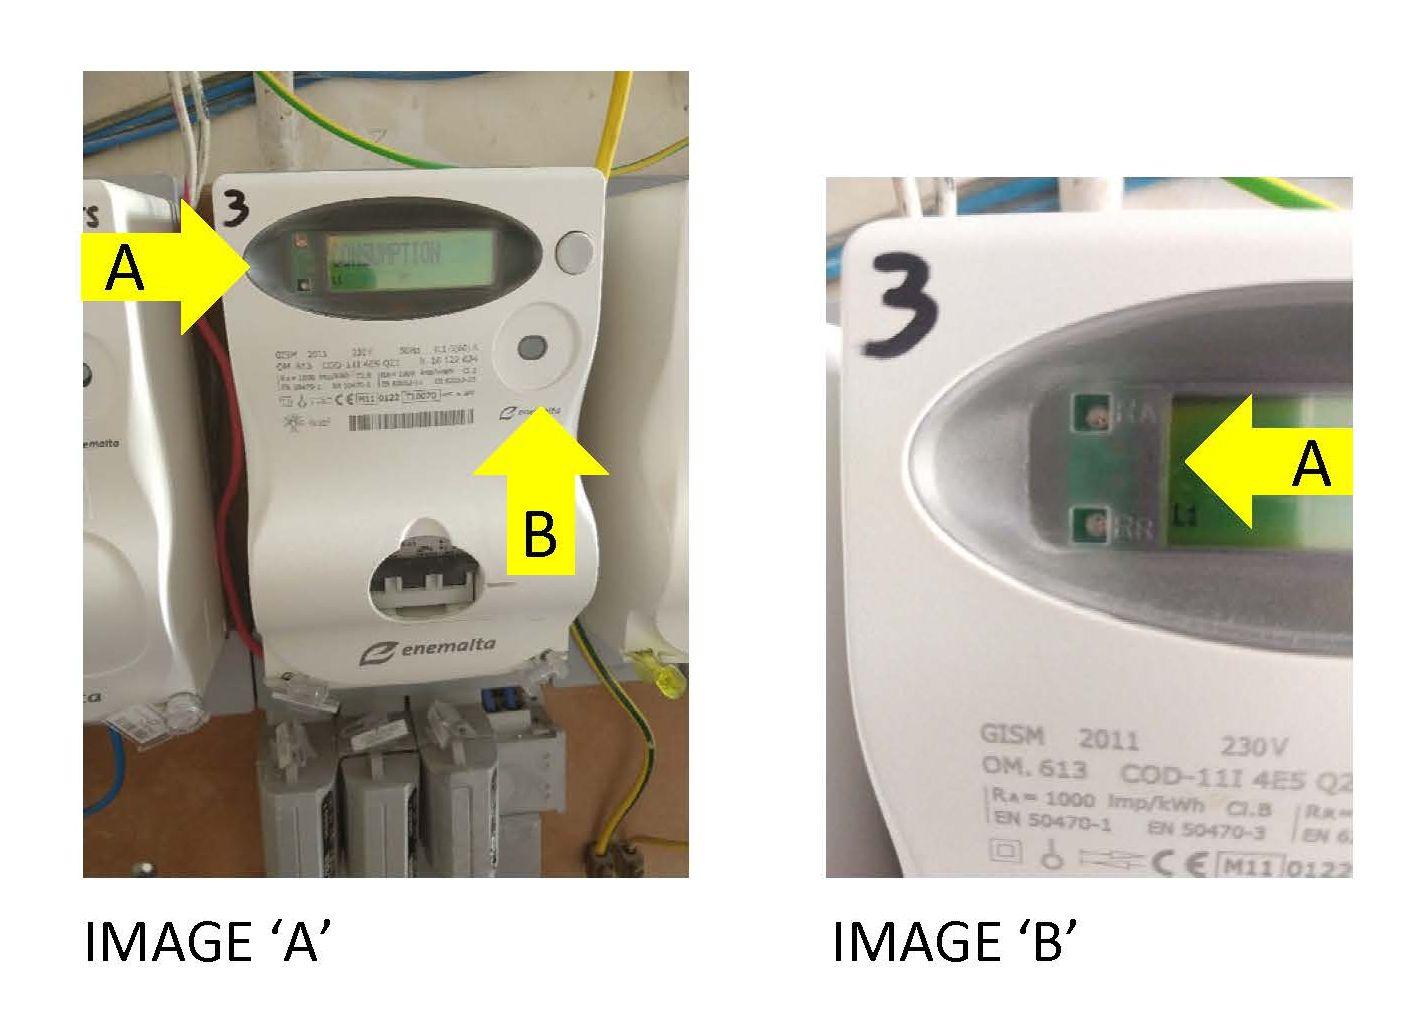 Images of meter.jpg